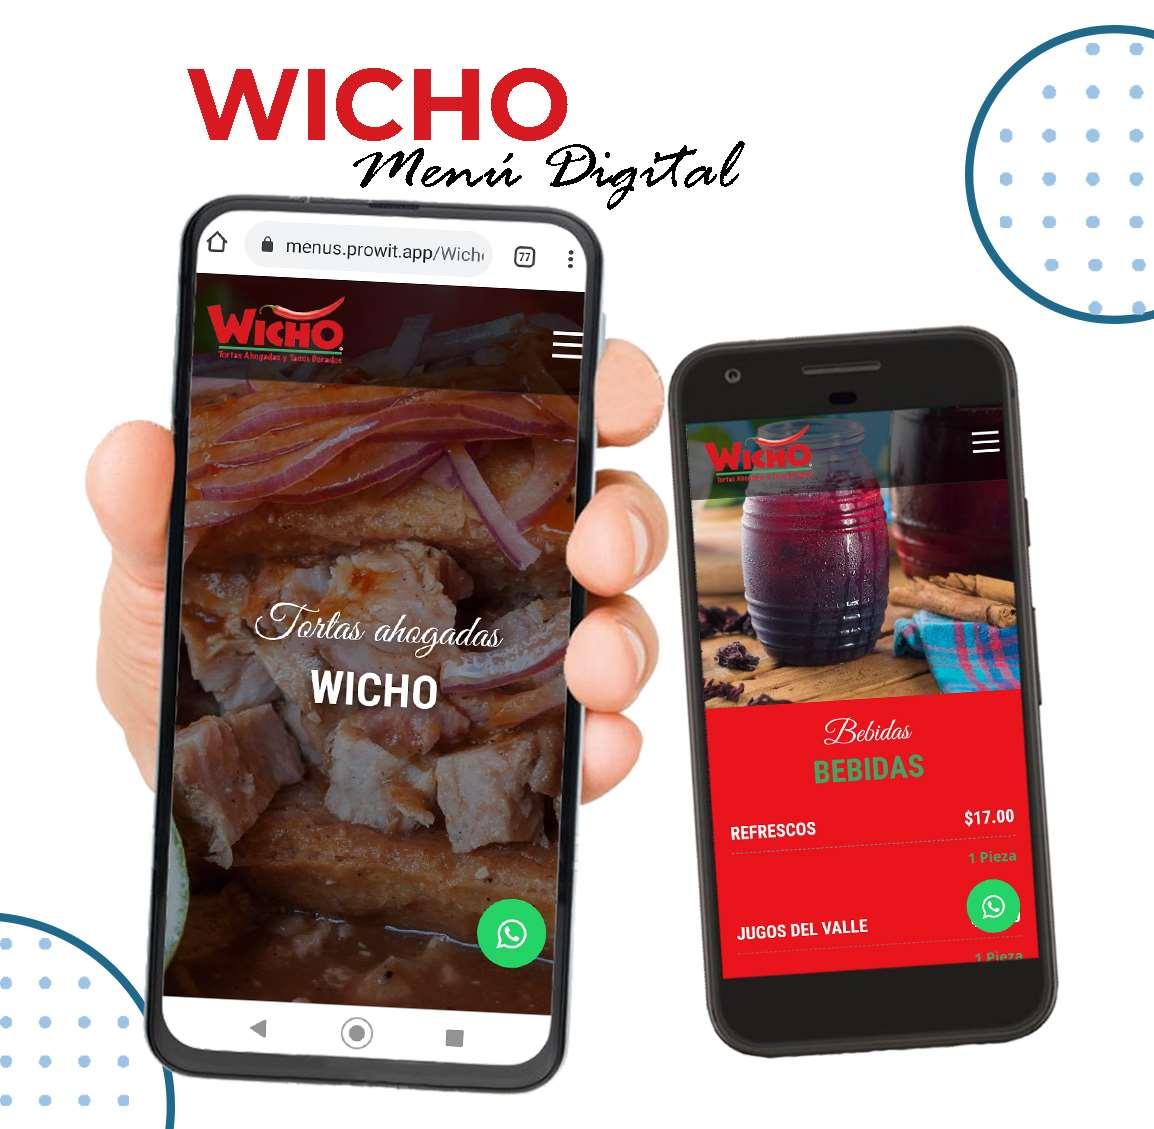 Wicho